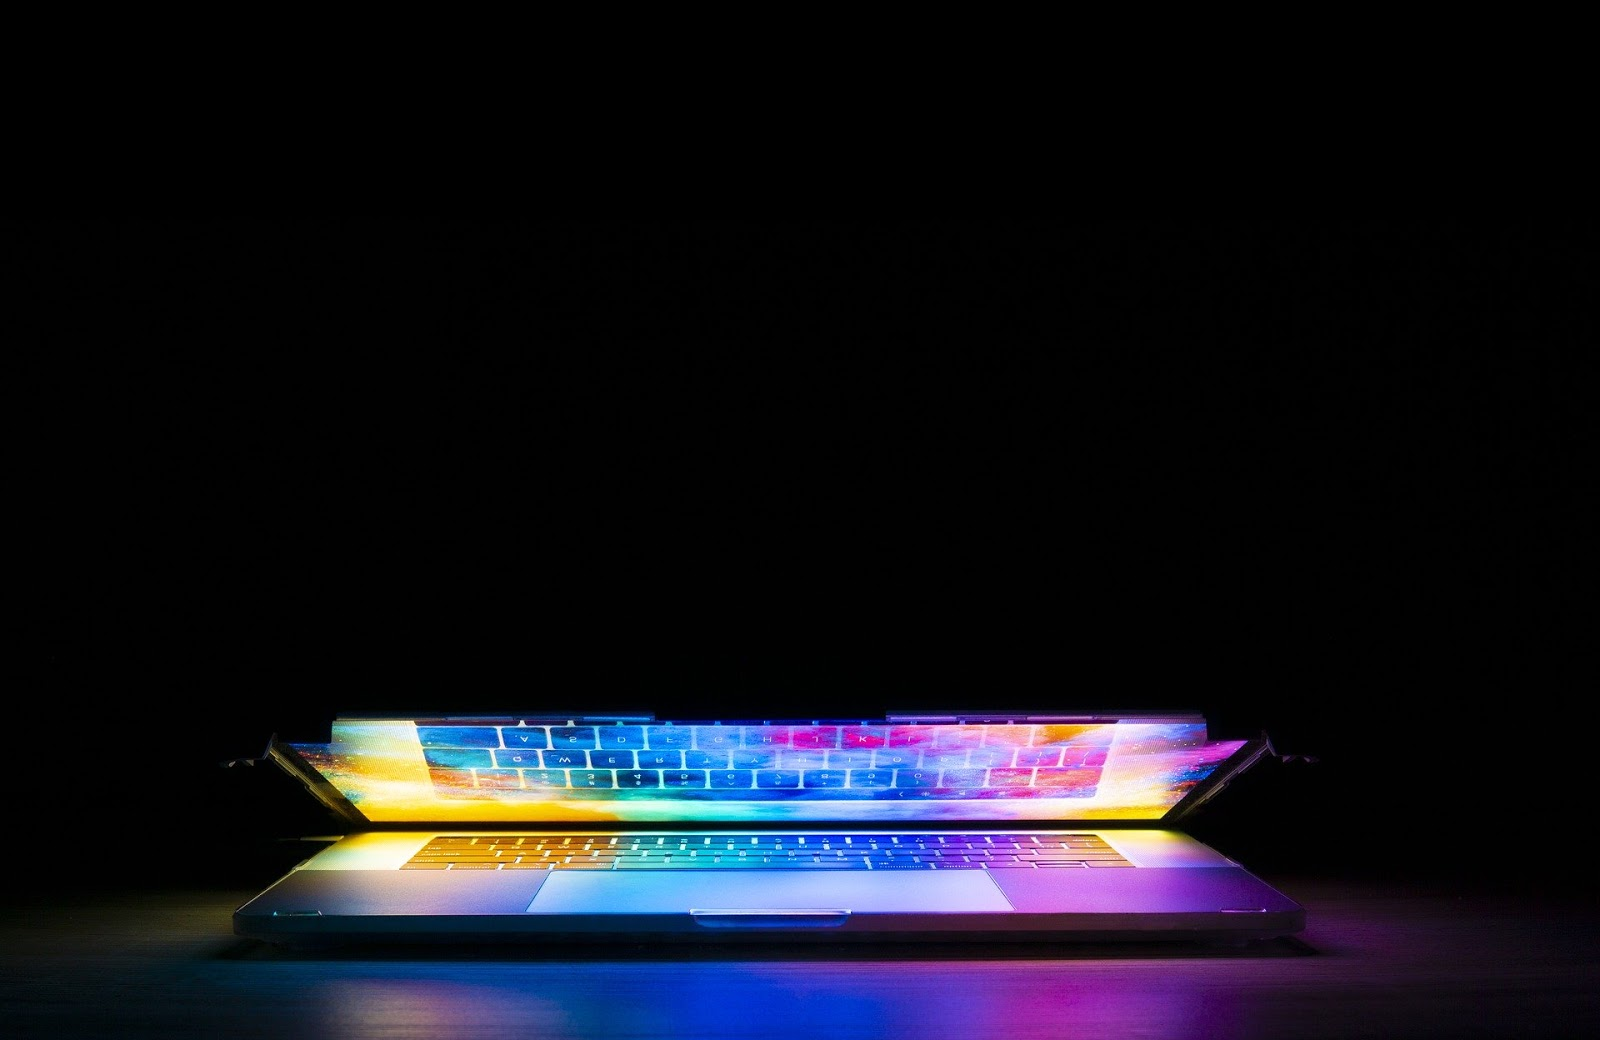 Wajib Tahu Inilah 7 Penyebab Laptop Lemot Dan Cara Mengatasinya Manglada Tech